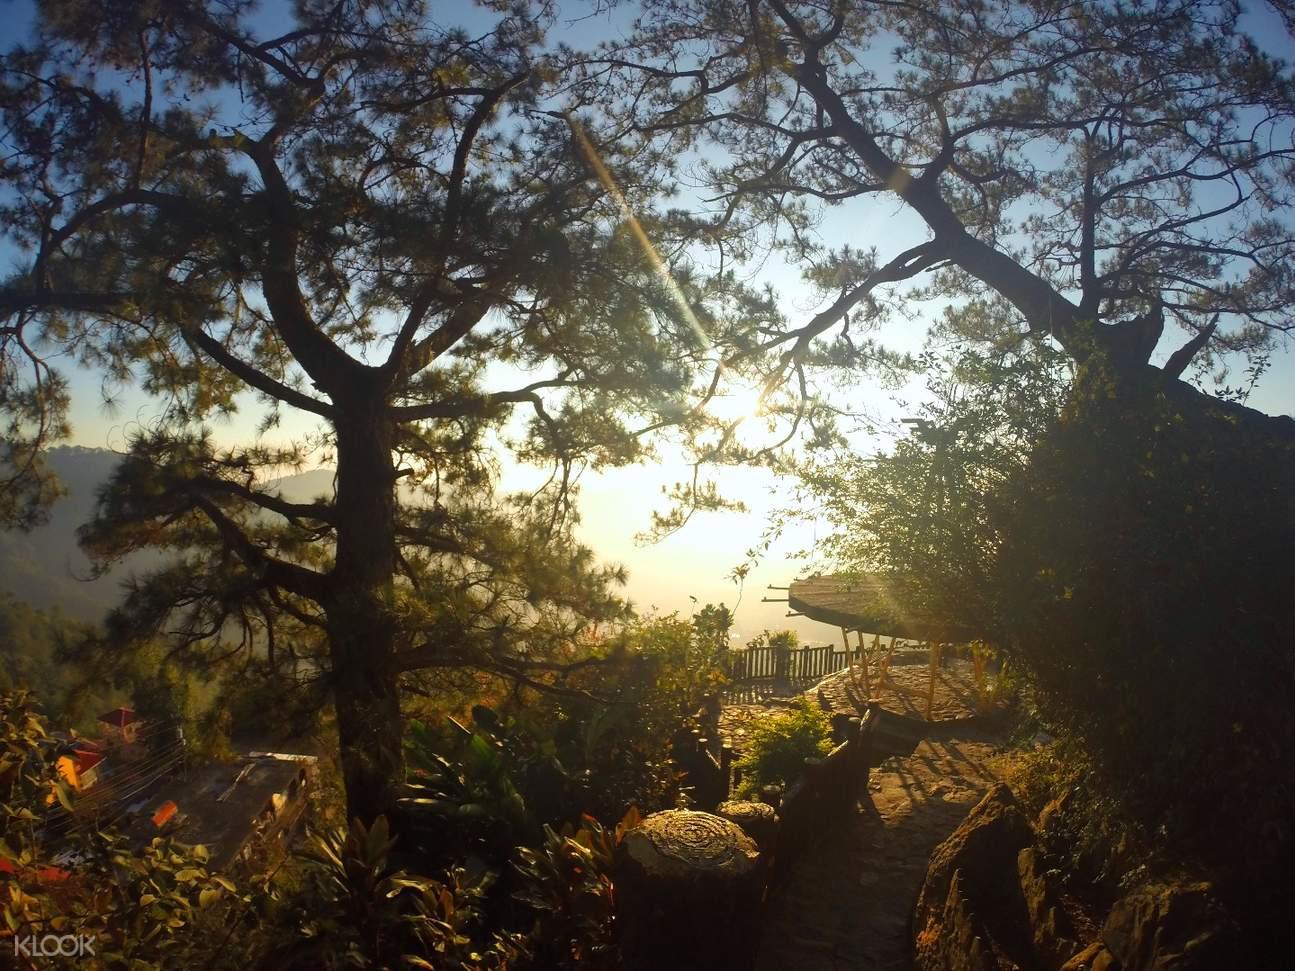 马尼拉碧瑶( Baguio)一日游